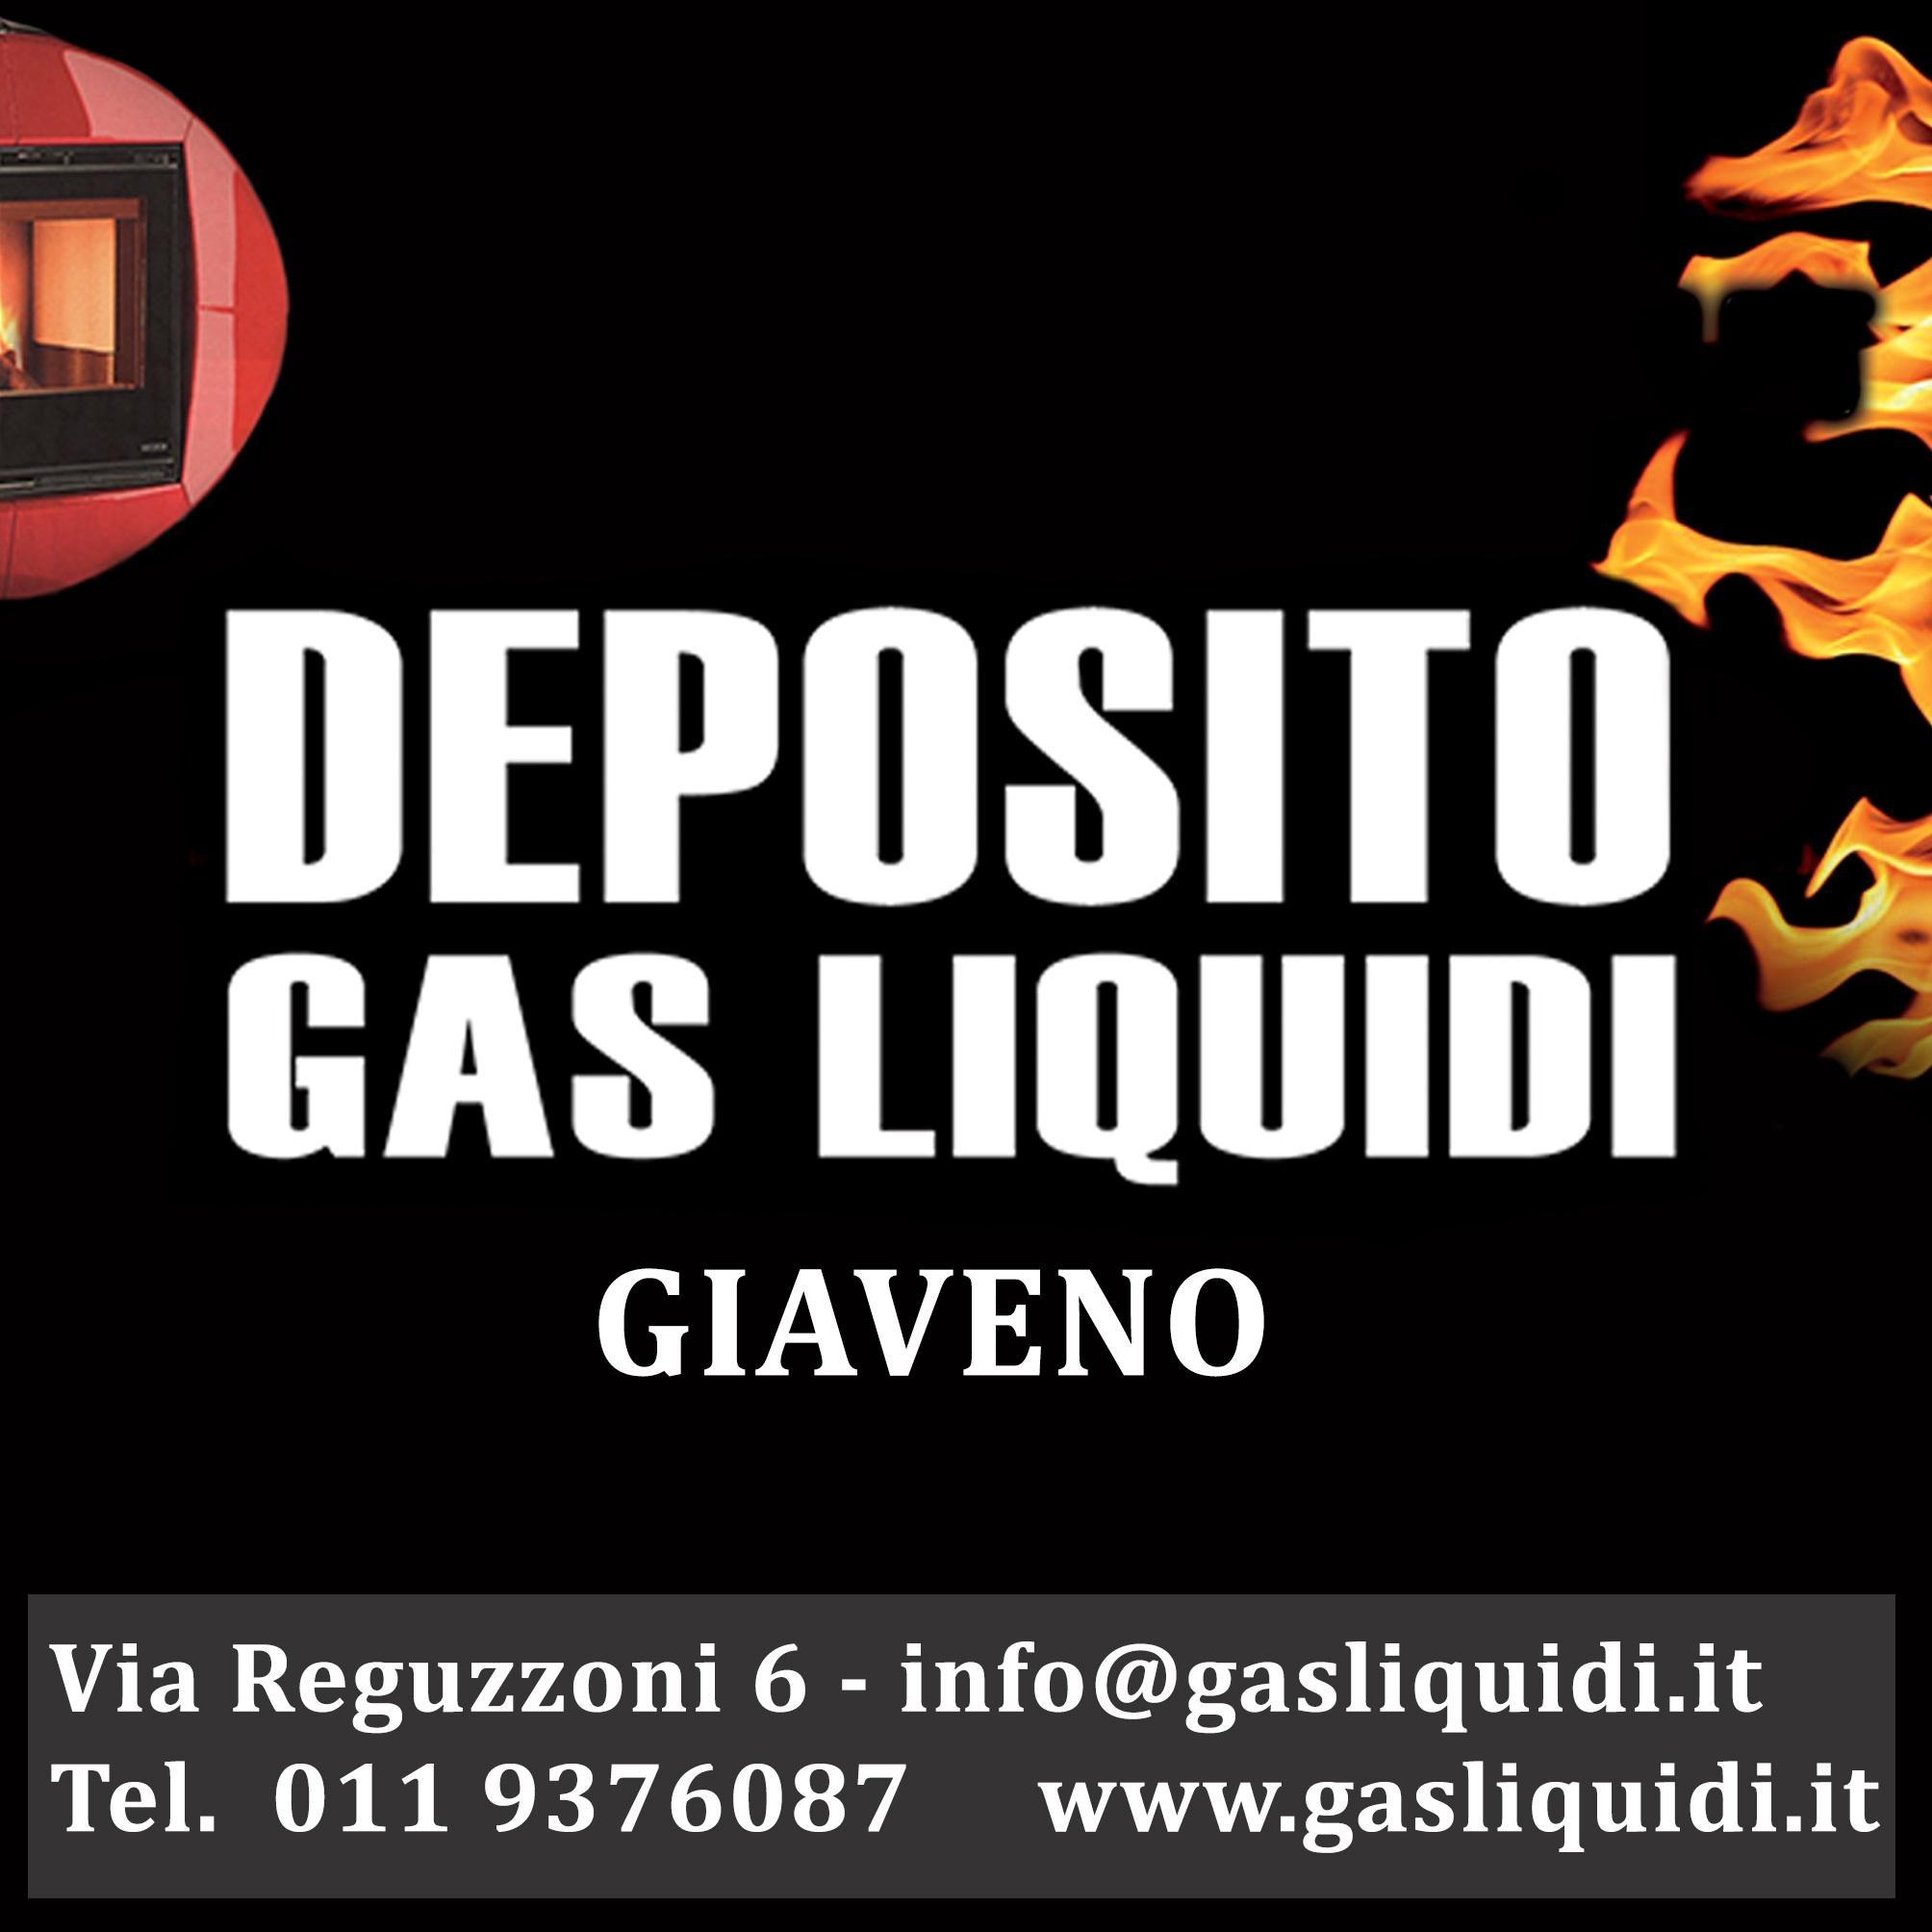 GAS LIQUIDI GIAVENO